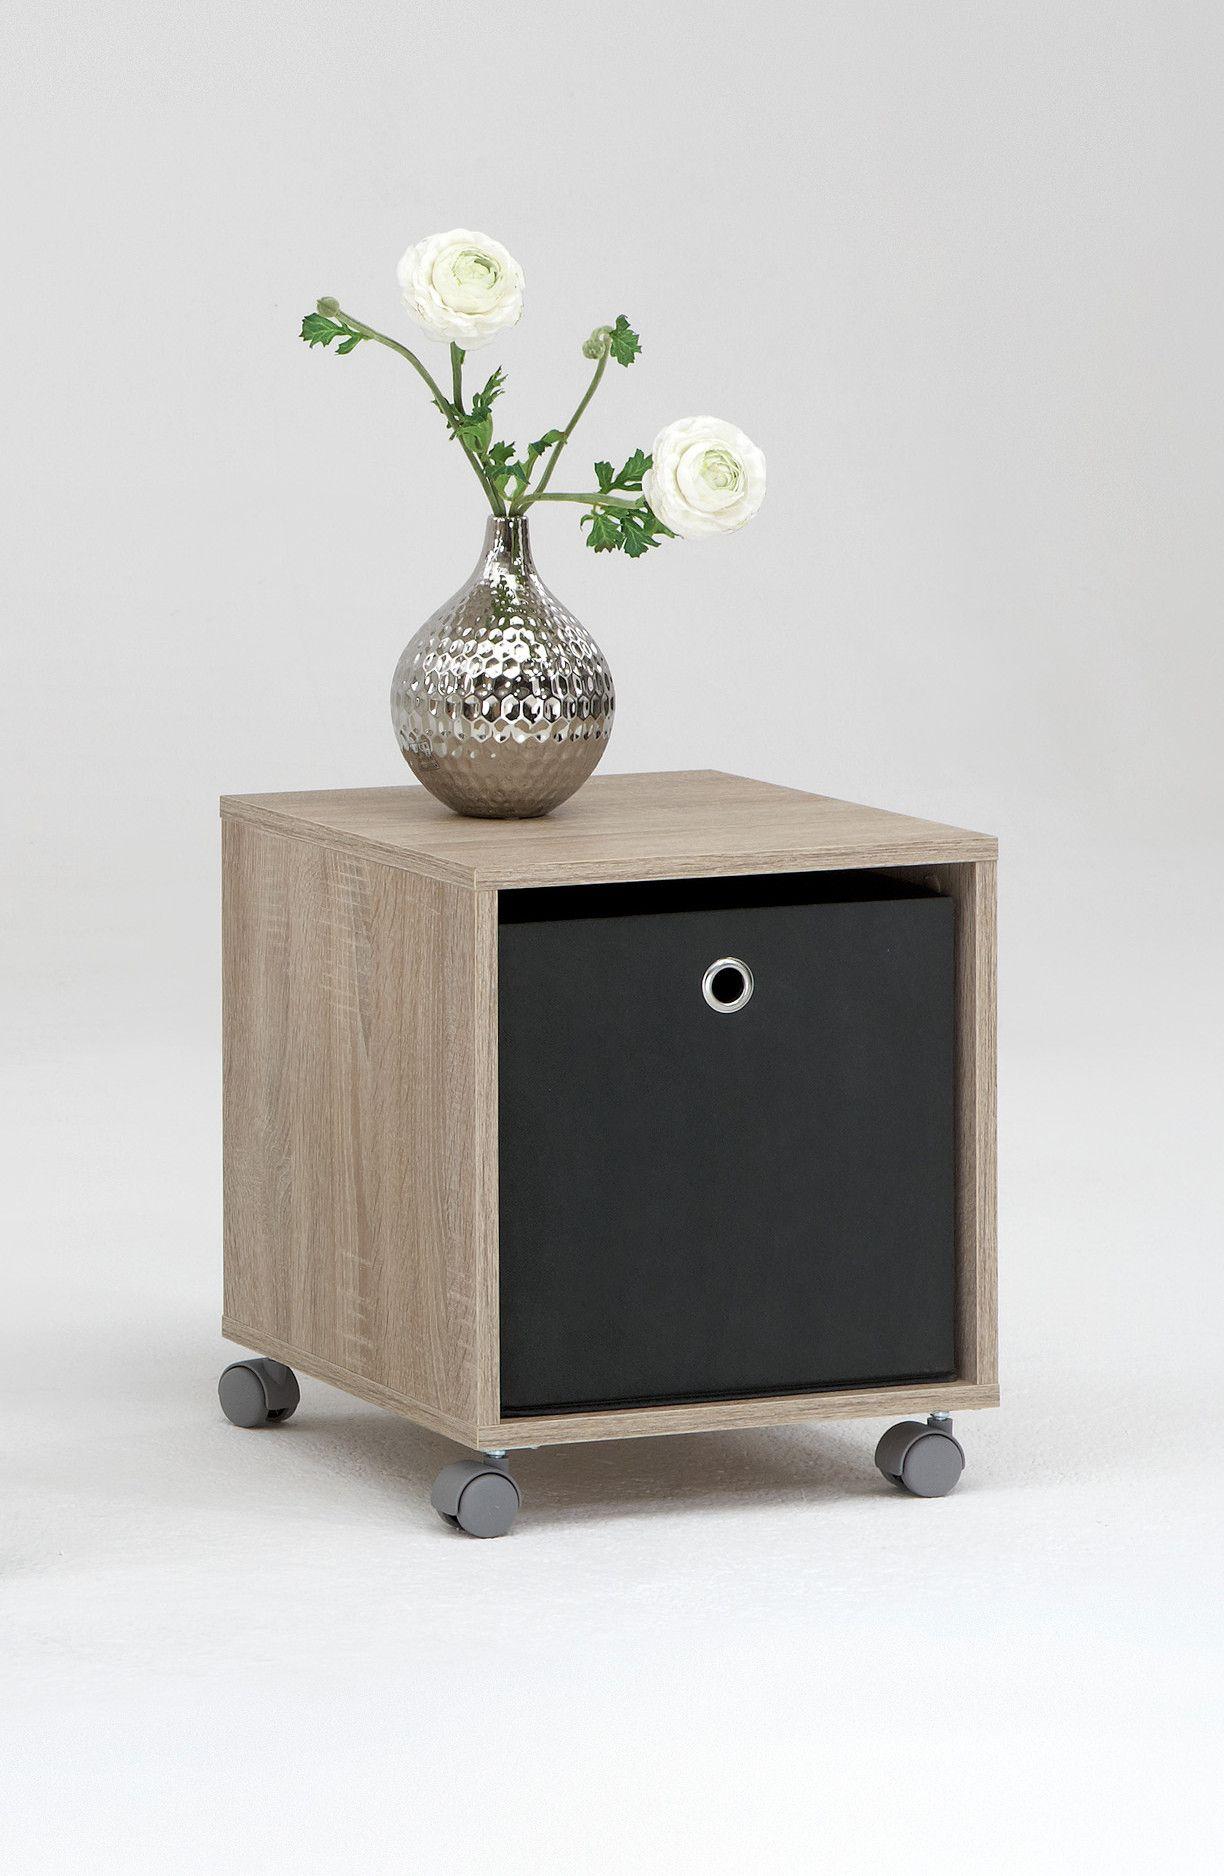 beistelltisch eiche woody 70-00352 holz modern jetzt bestellen, Wohnzimmer dekoo